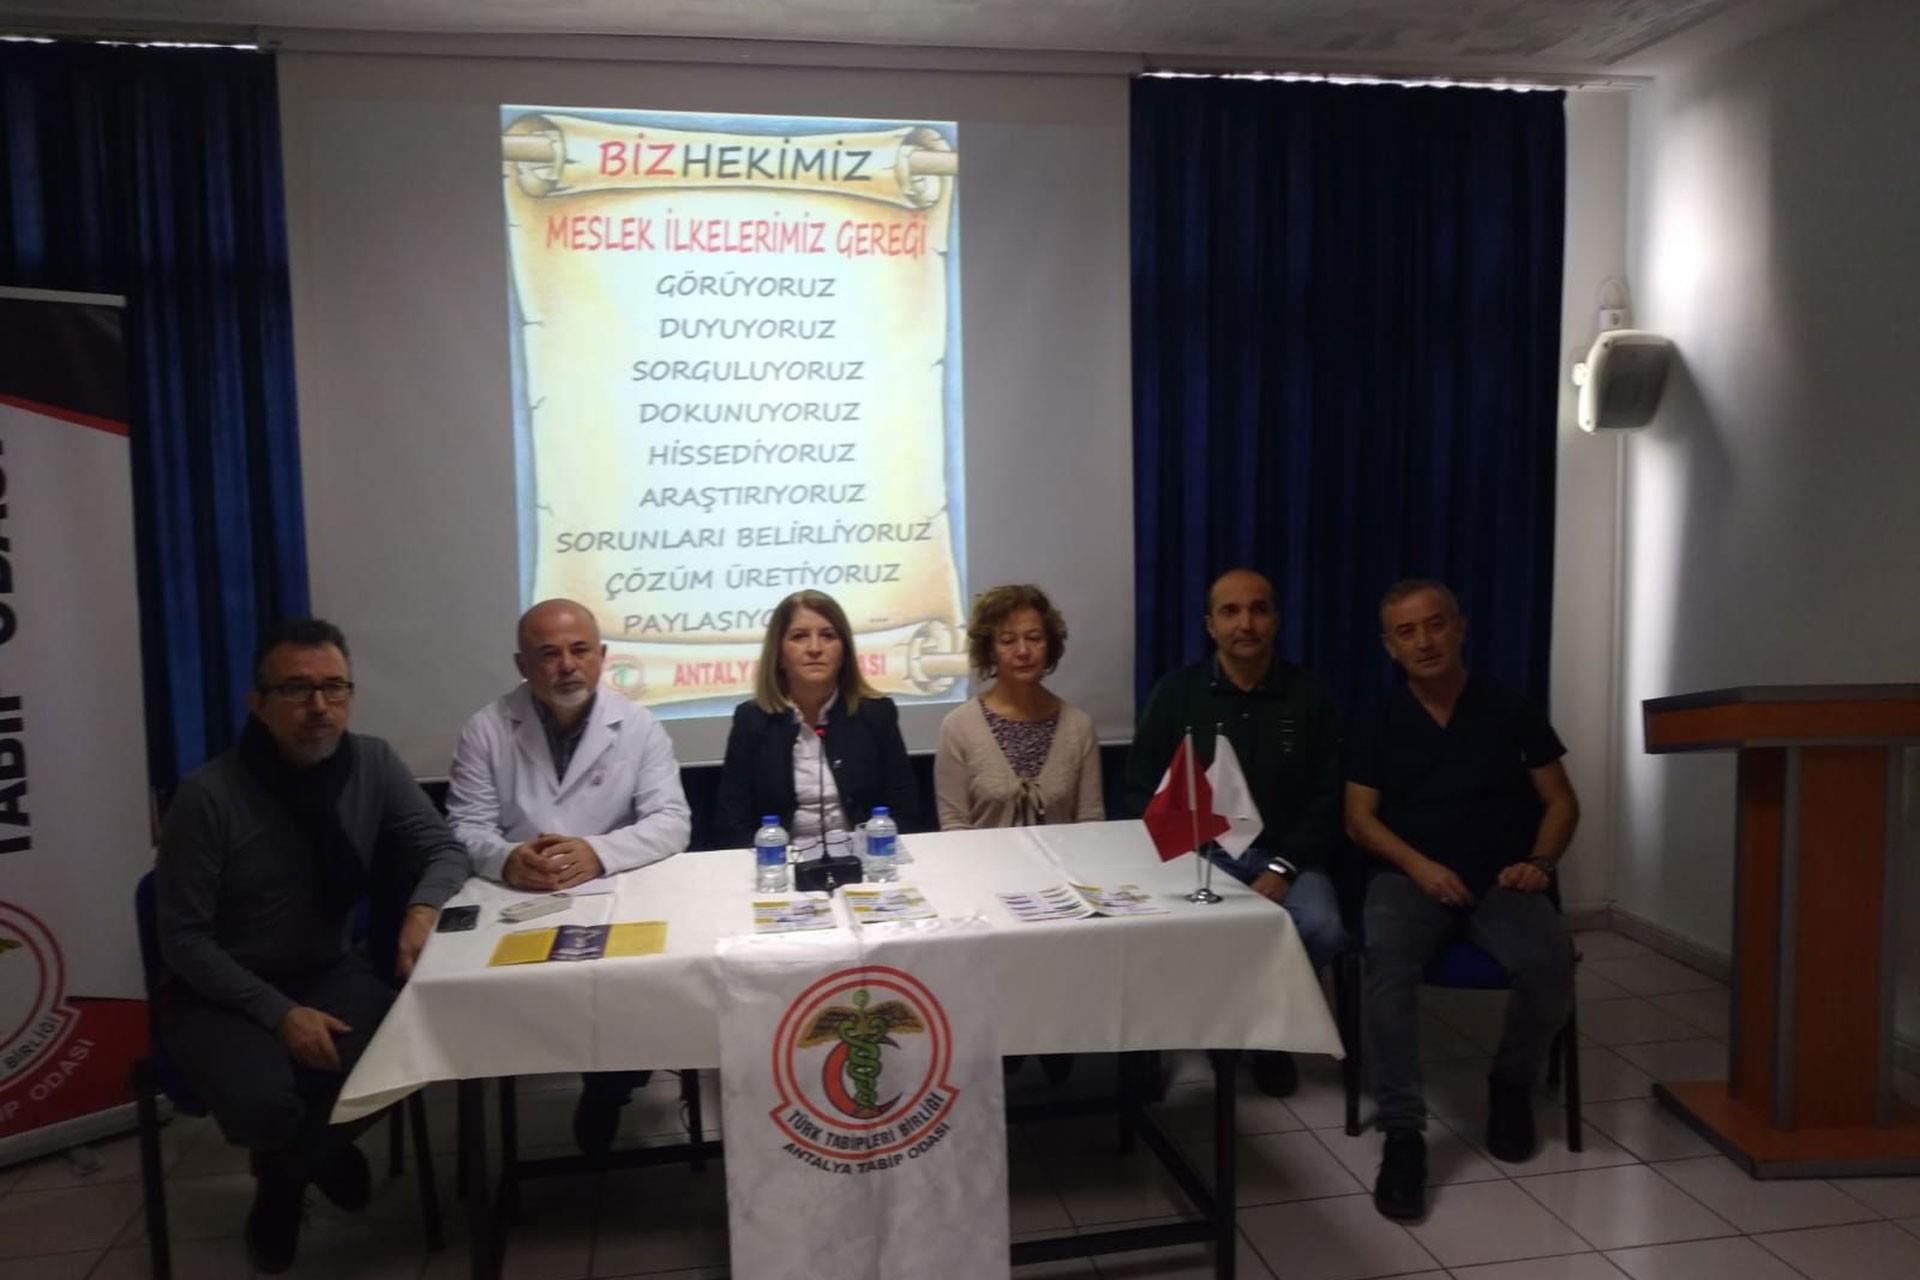 Antalya'da basın açıklaması yapan hekimler